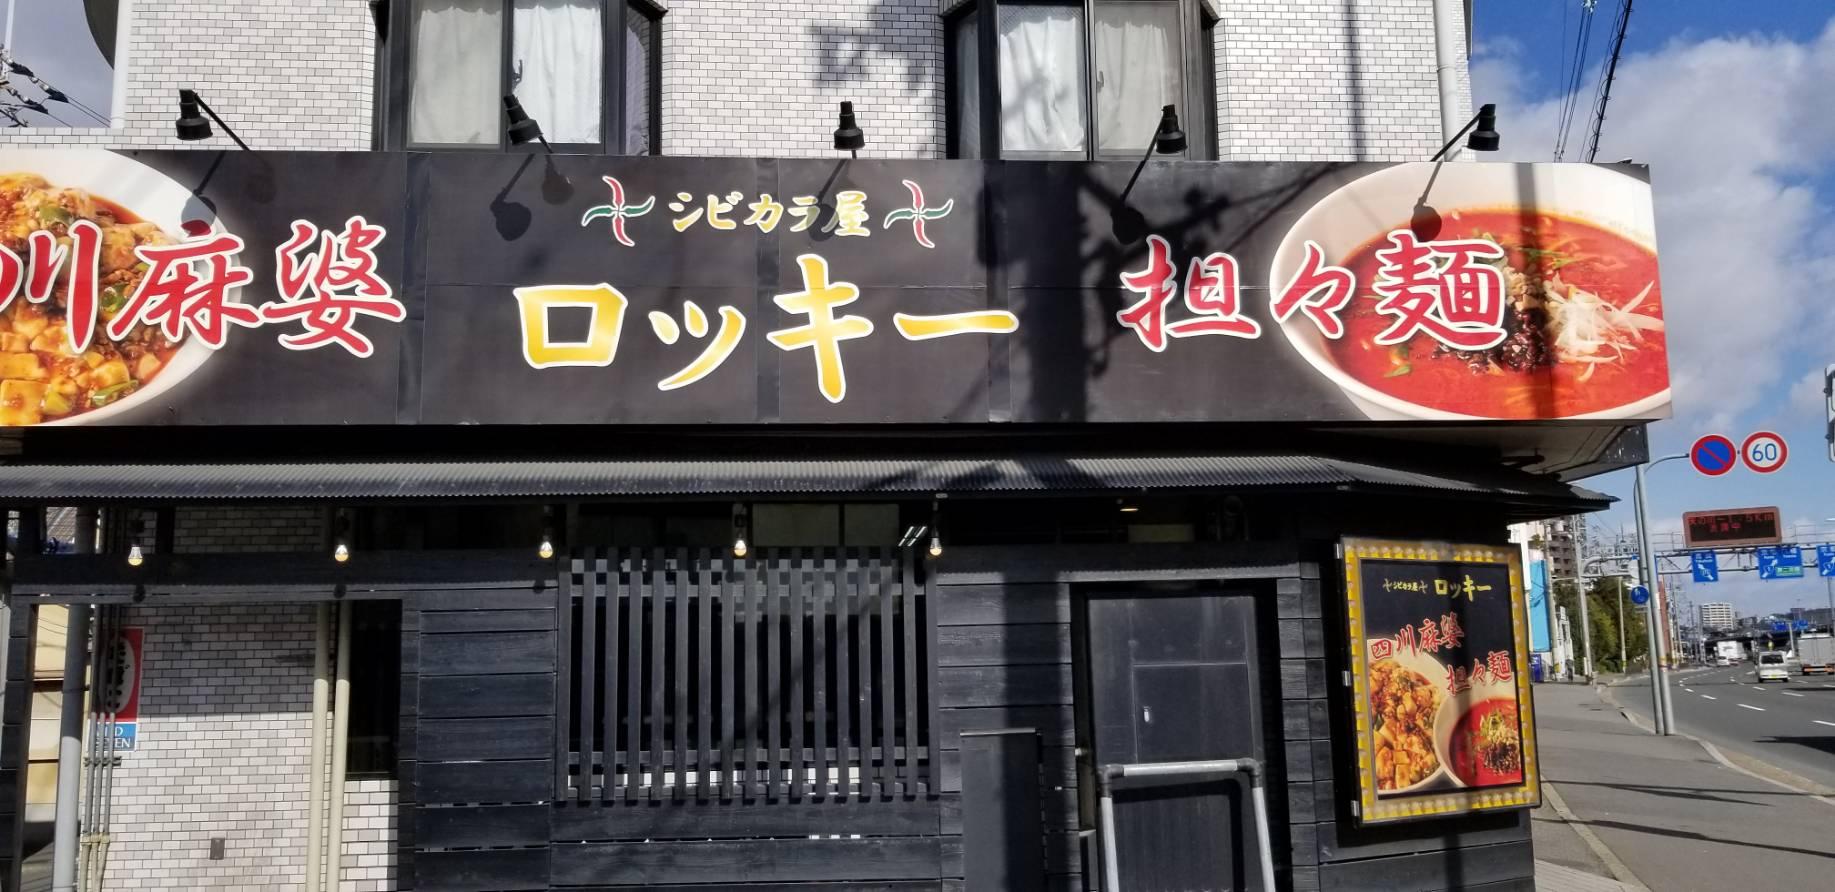 シビカラ屋ロッキー(光善寺/ラーメン)